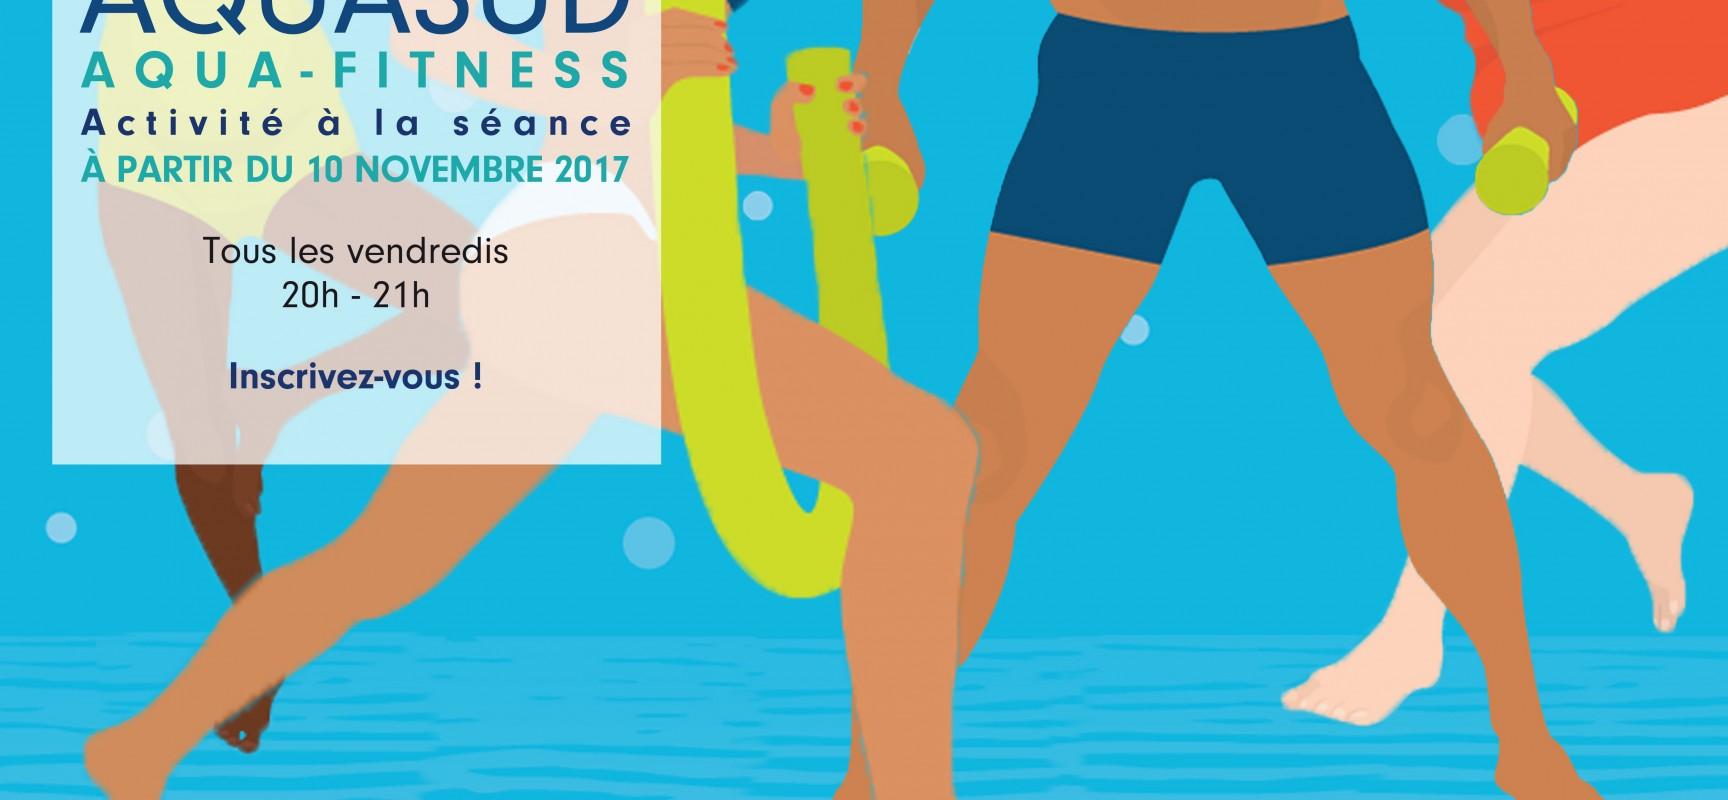 Nouveau: des cours d'Aqua-fitness à Aquasud